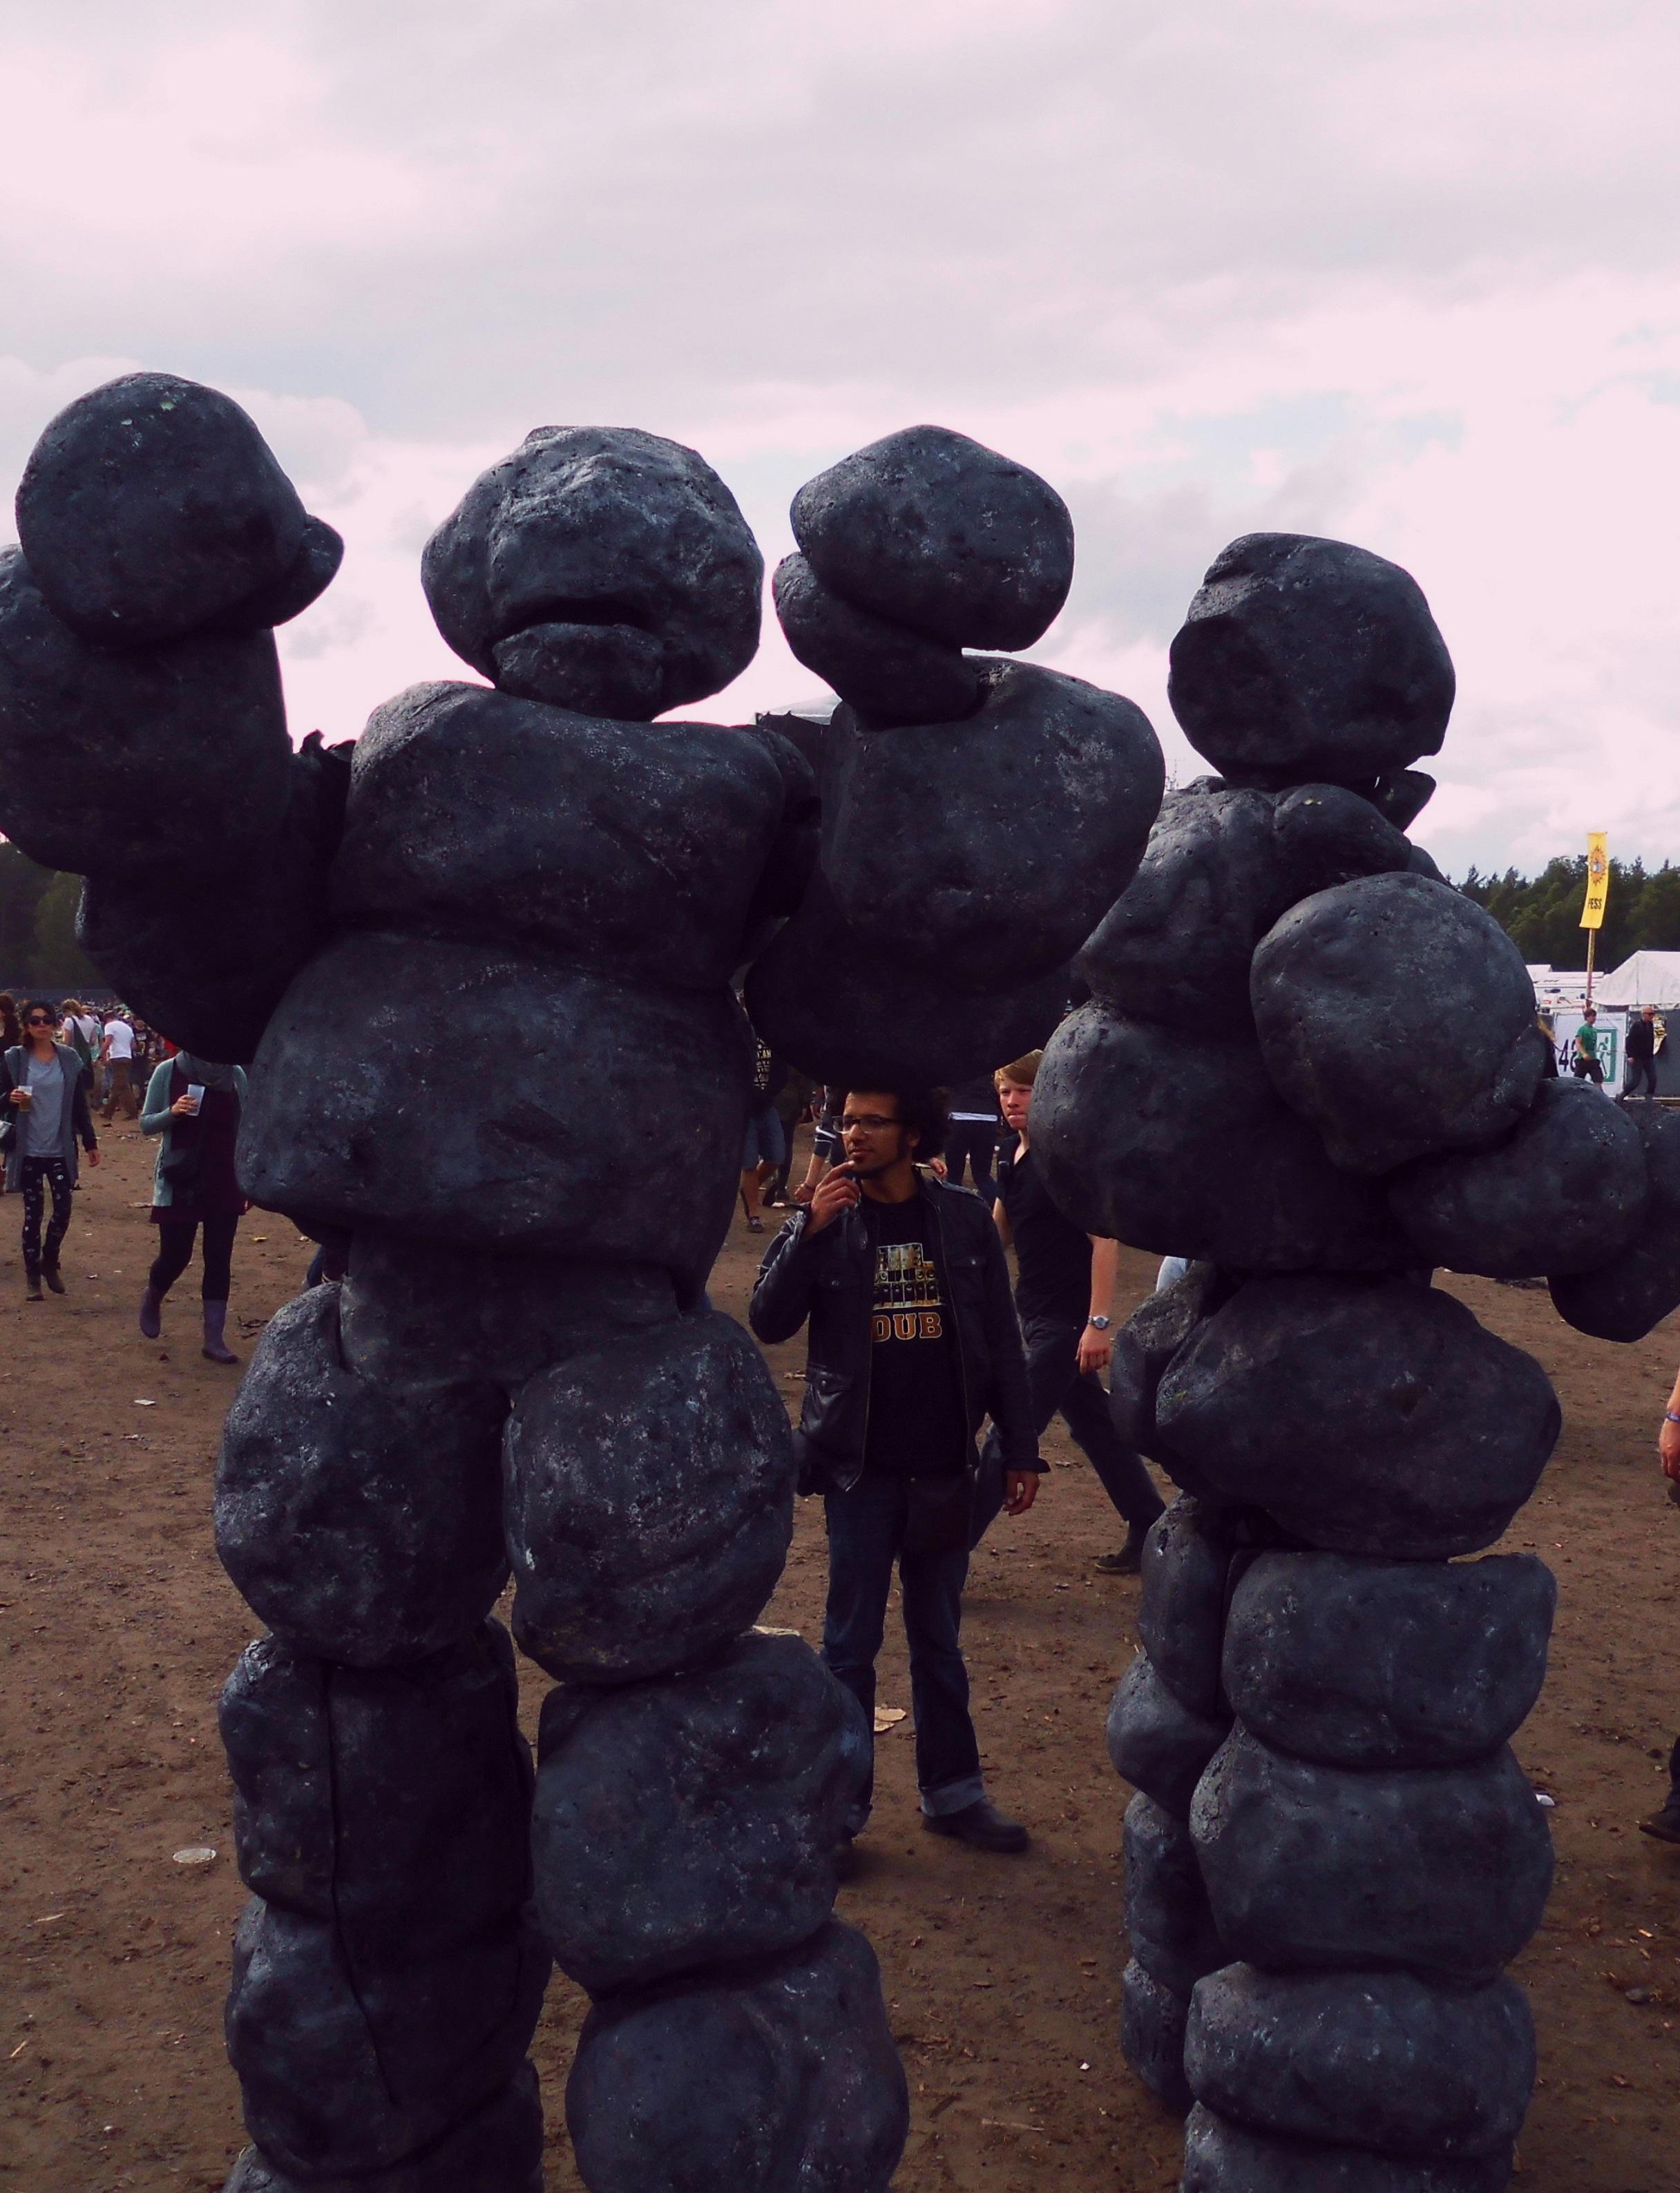 Skurrile Steinmenschen auf dem Festivalgelände